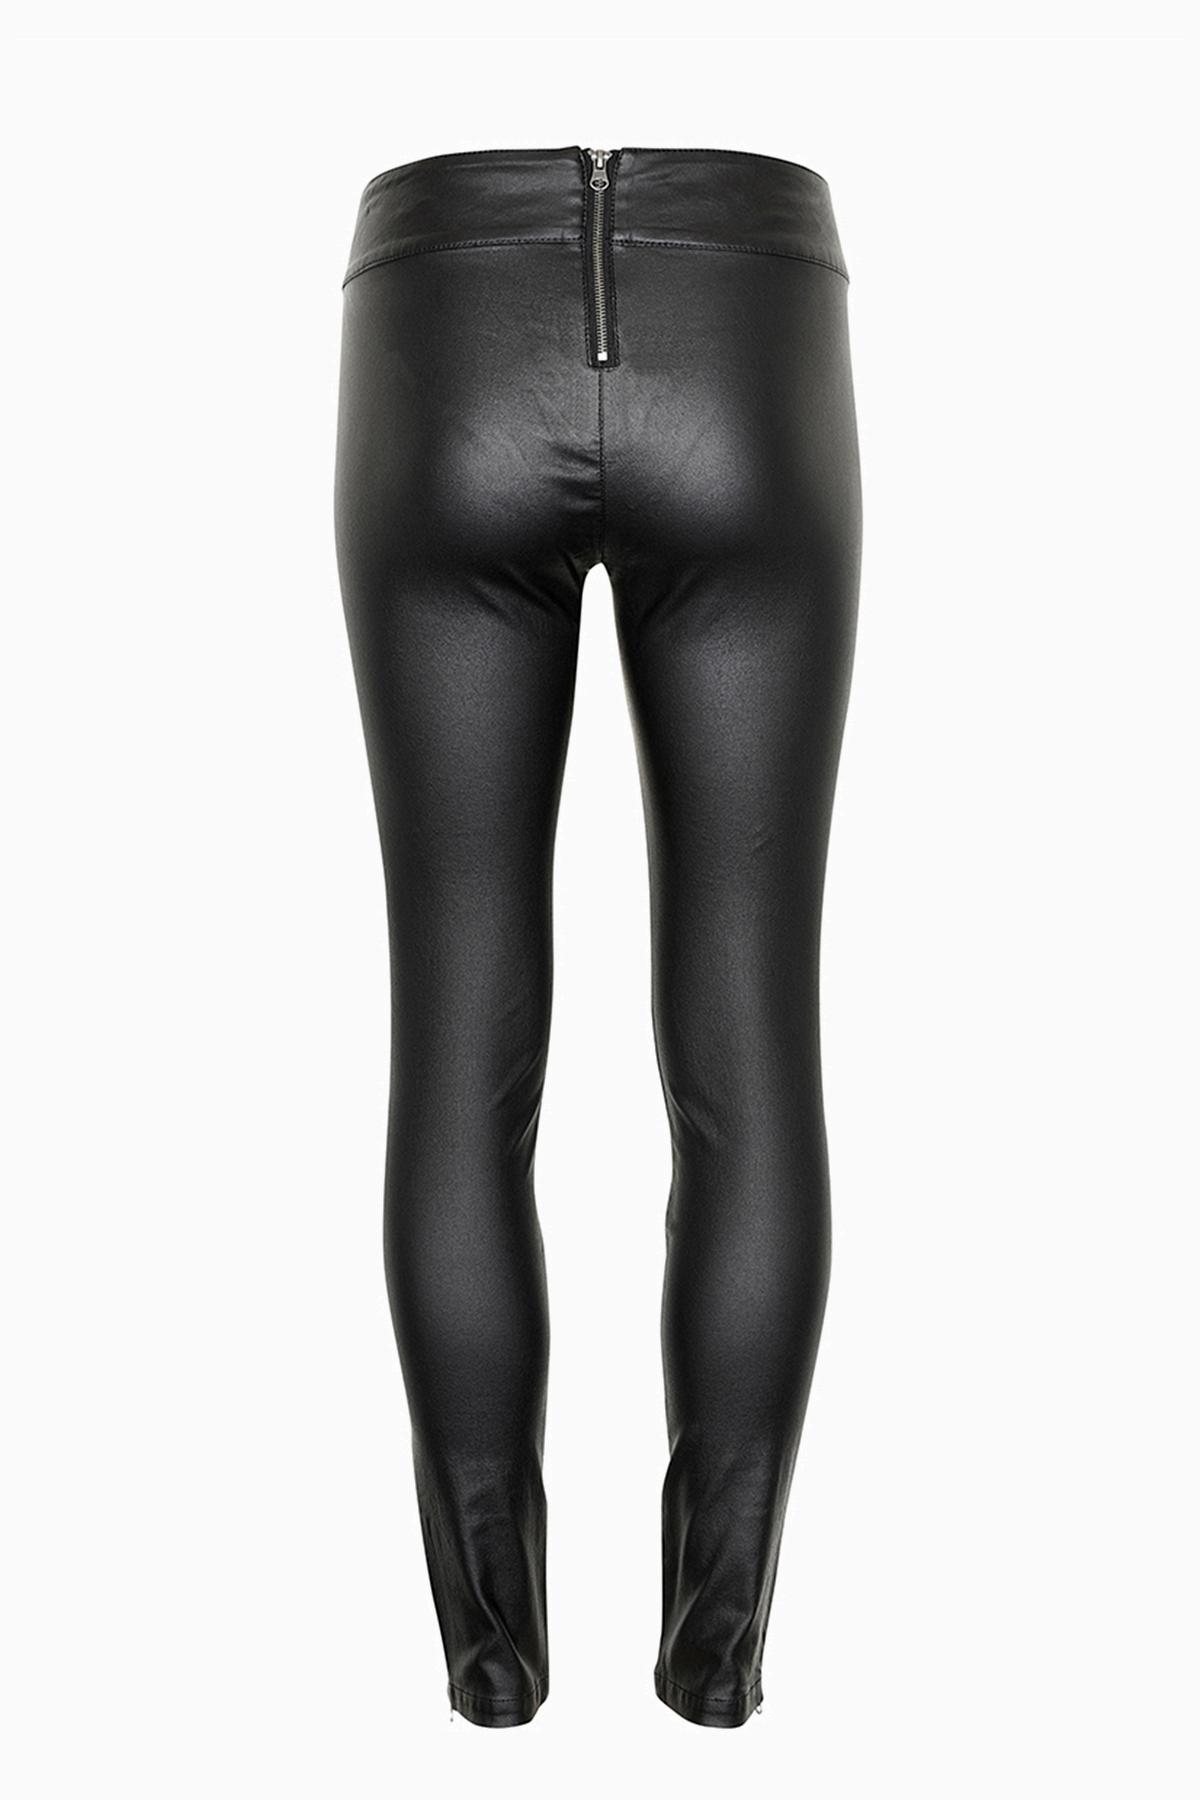 Sort Casual bukser fra Cream – Køb Sort Casual bukser fra str. 34-46 her